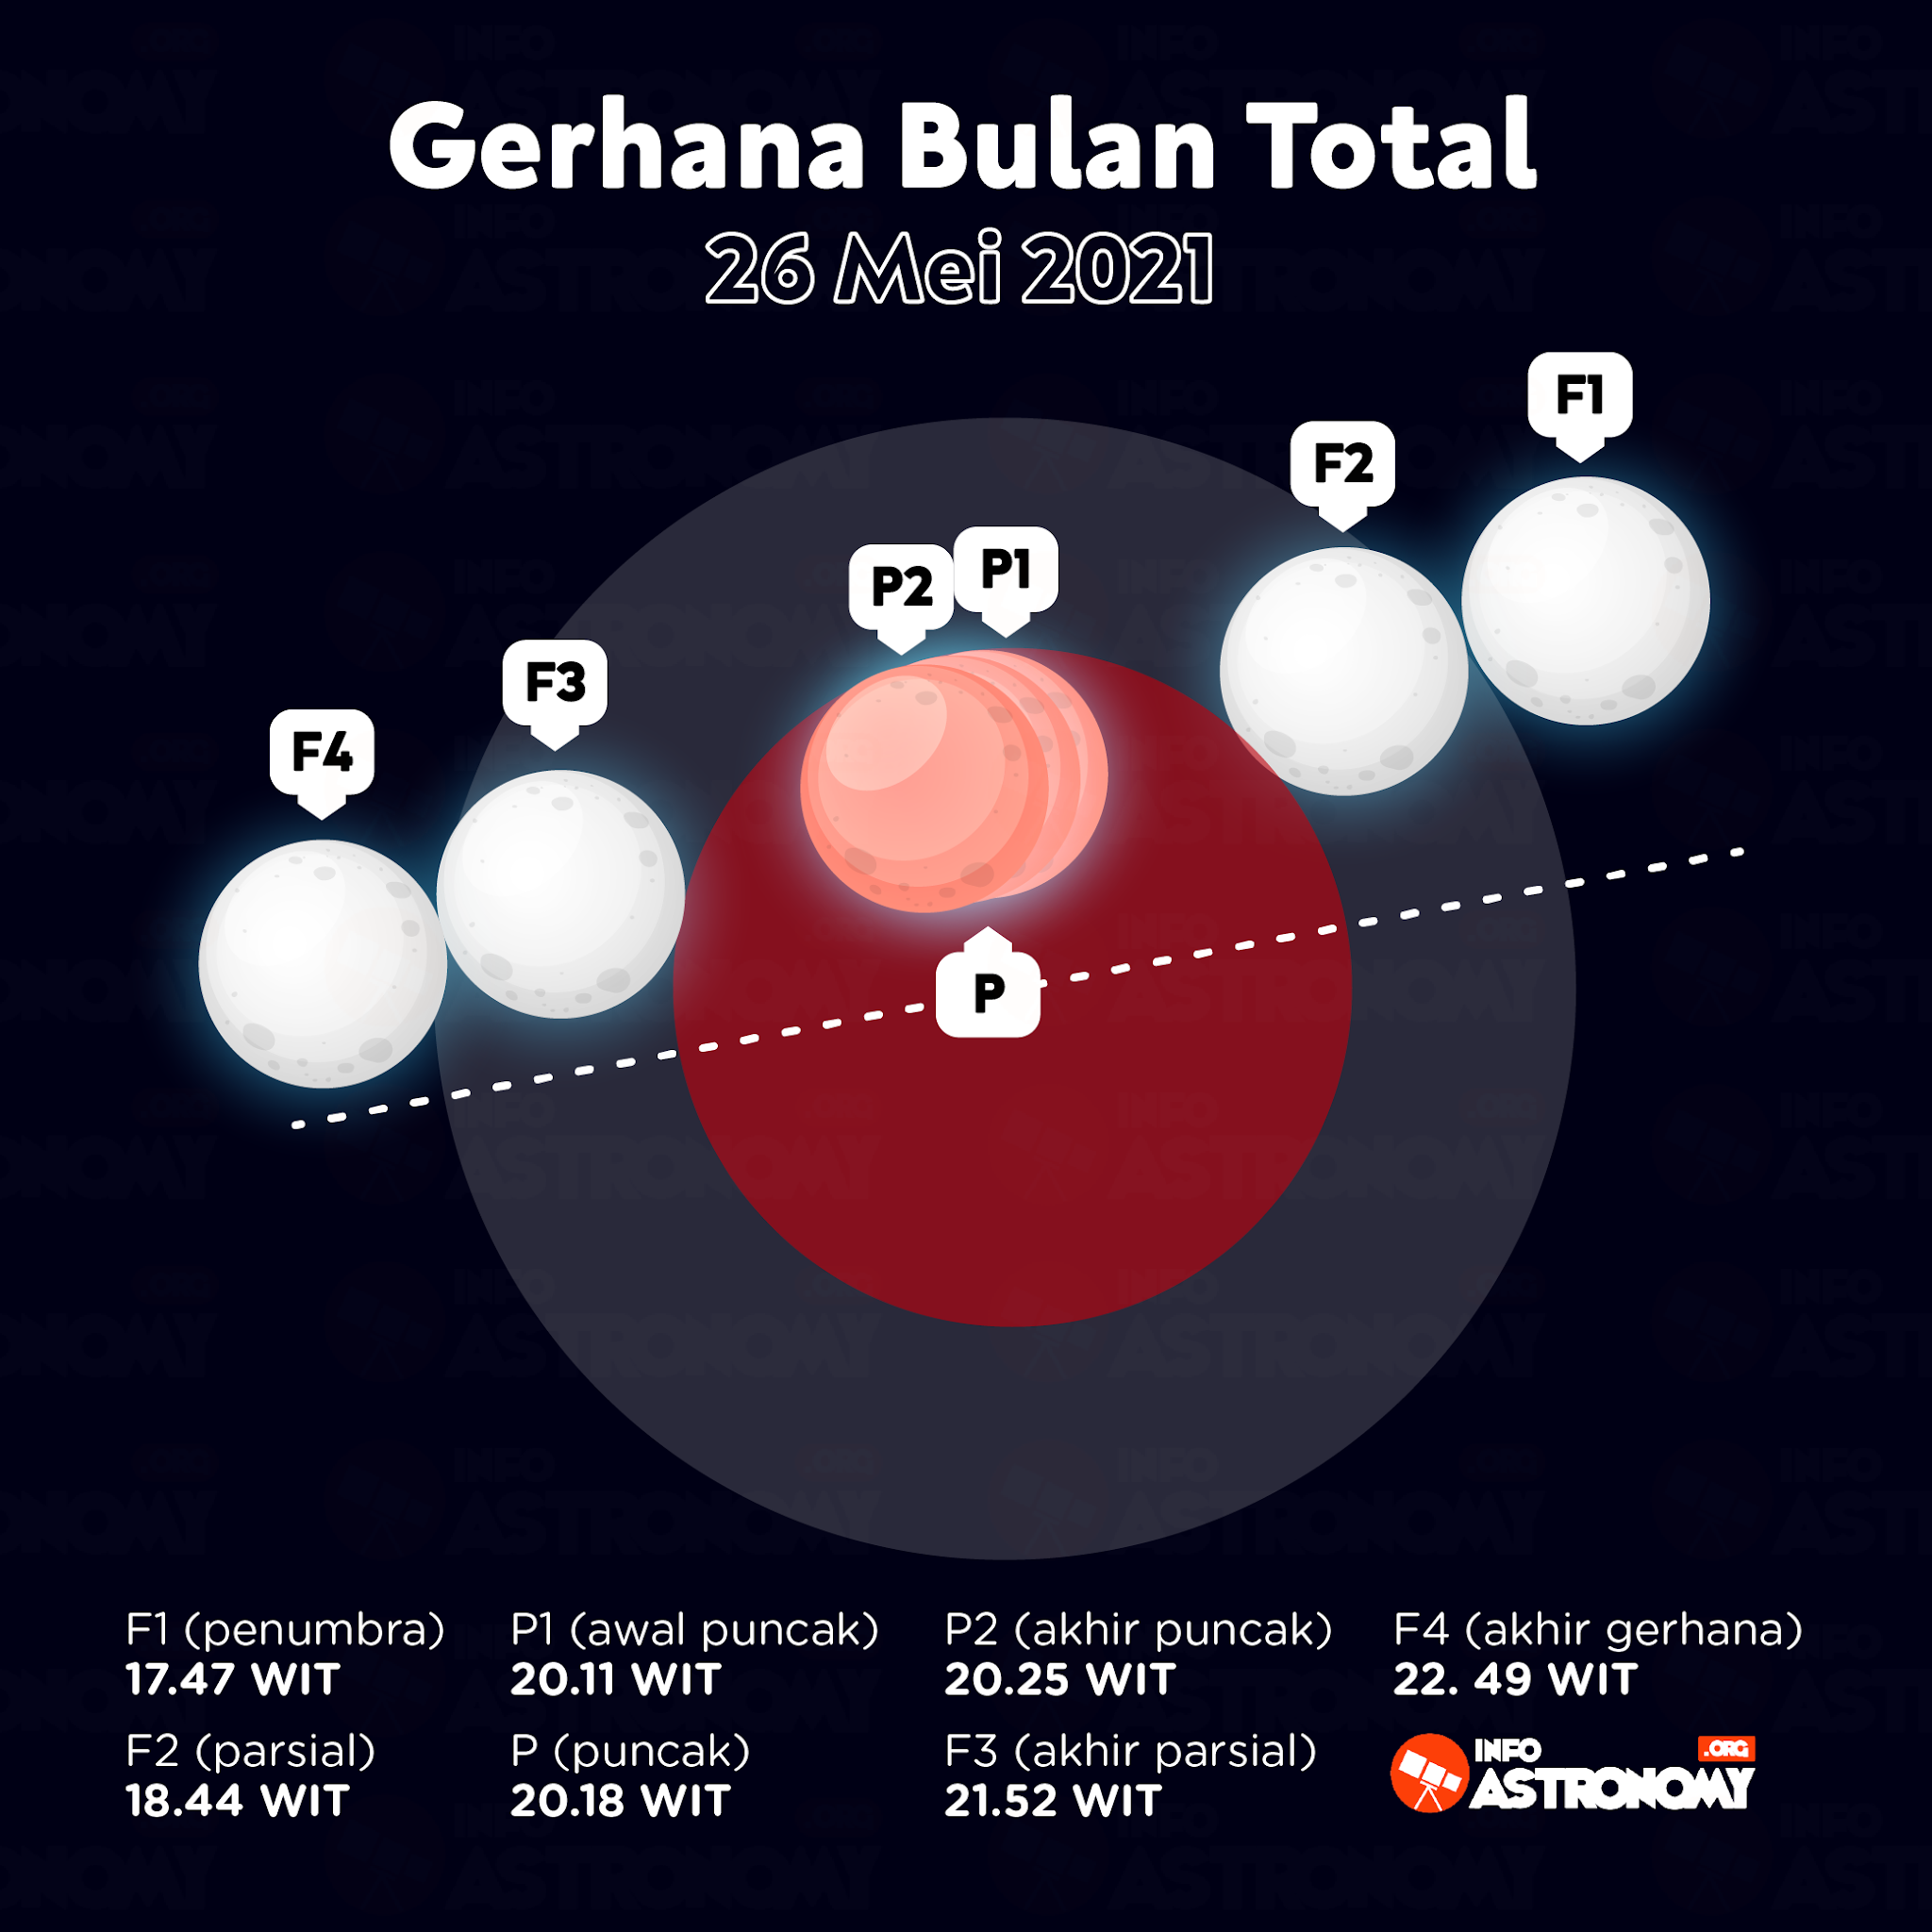 Dua Gerhana Bulan di Indonesia pada 2021 - Info Astronomy